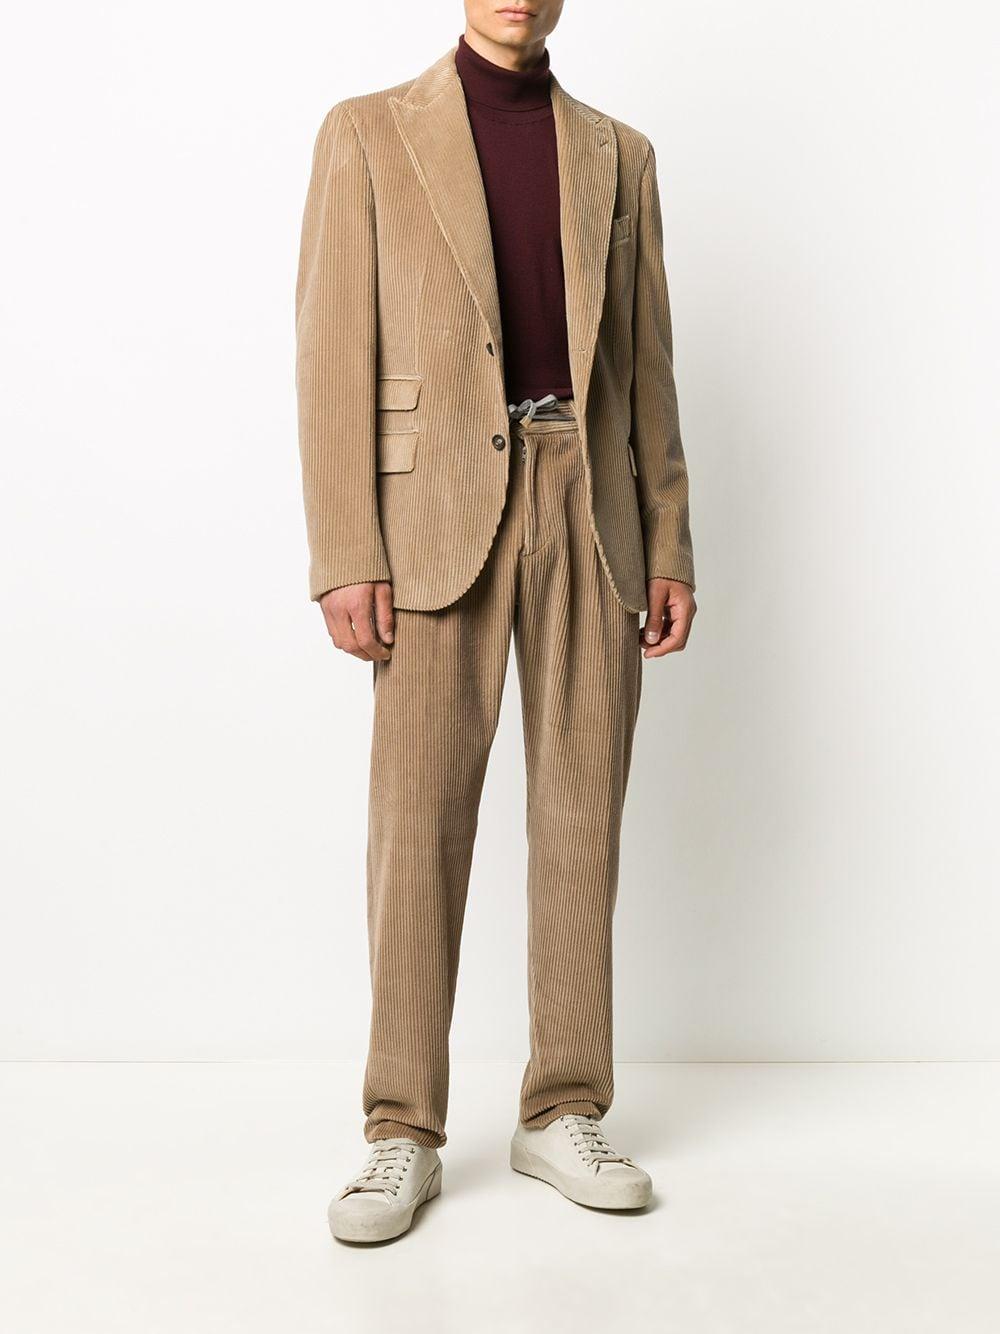 Beige cotton-blend corduroy two-piece suit  ELEVENTY |  | B75ABUA01-CAS2601304N